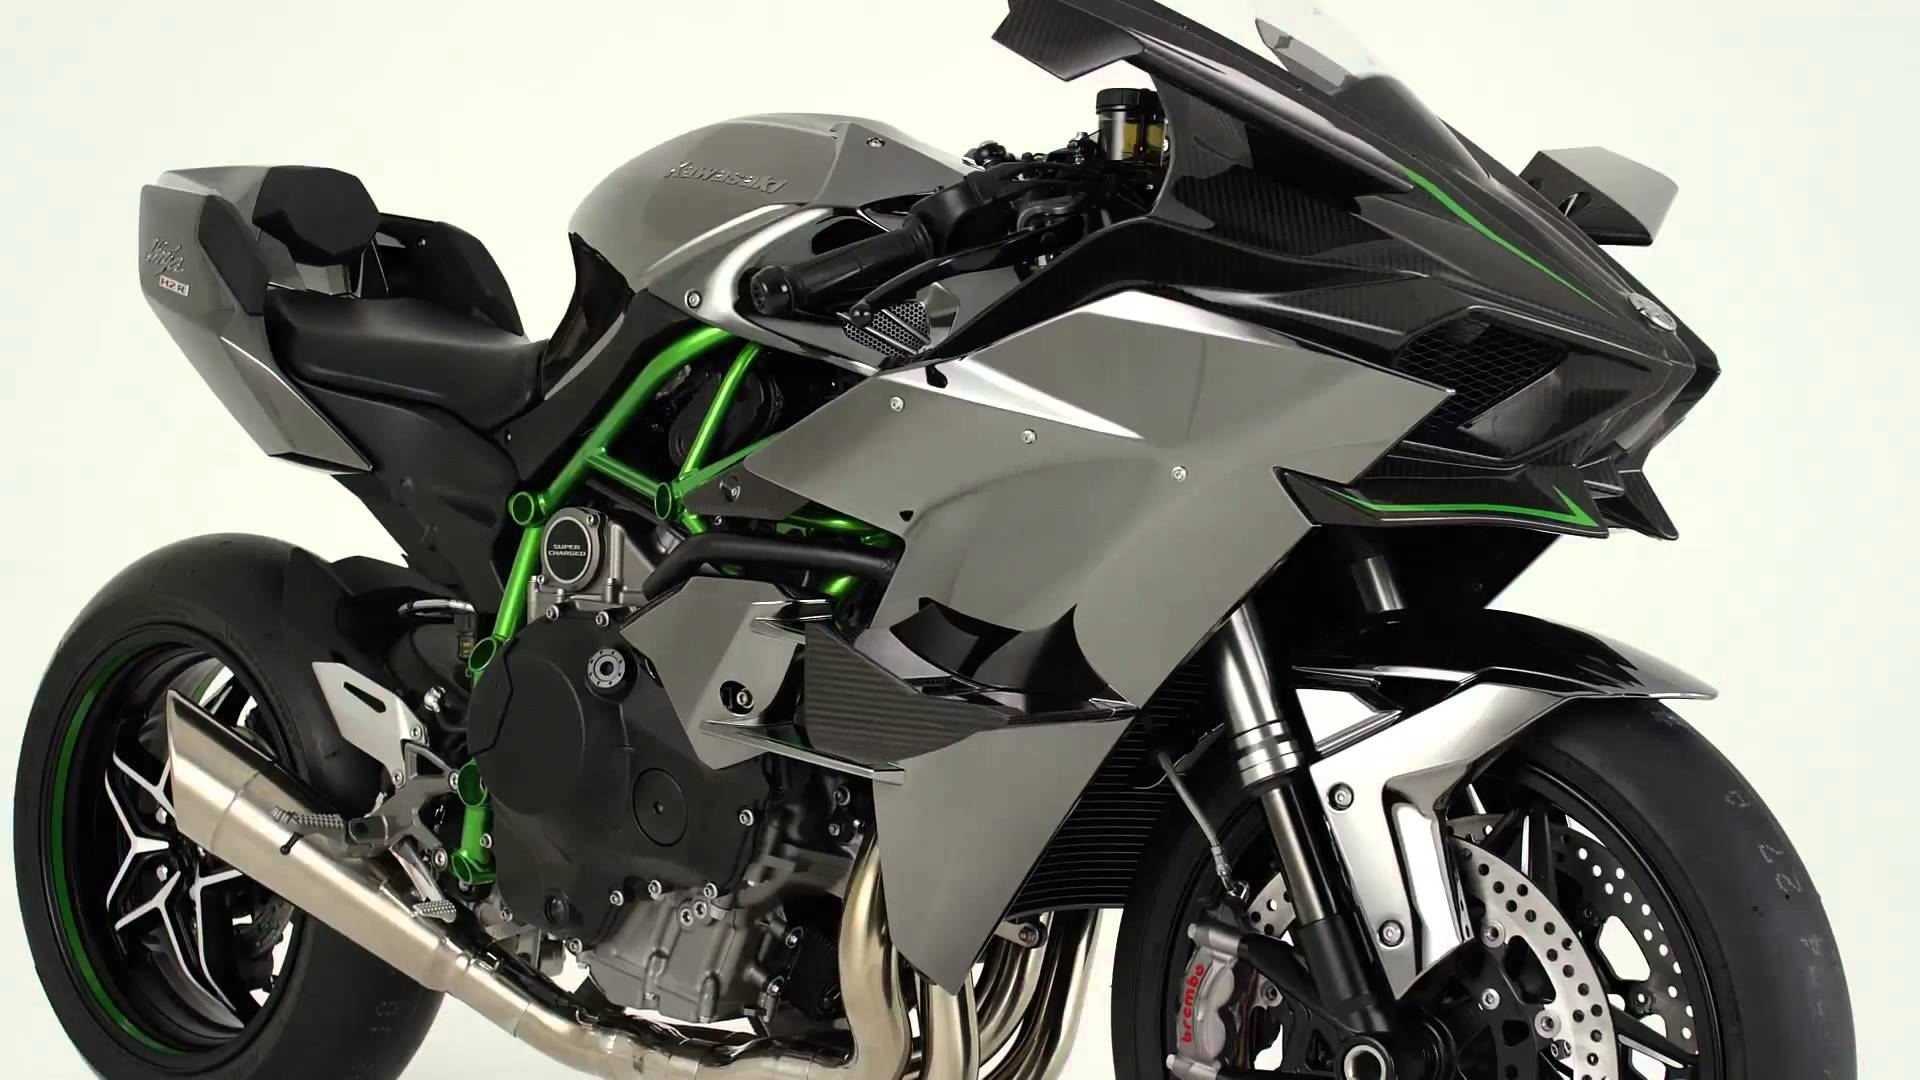 2015 Kawasaki Ninja H2R - YouTube